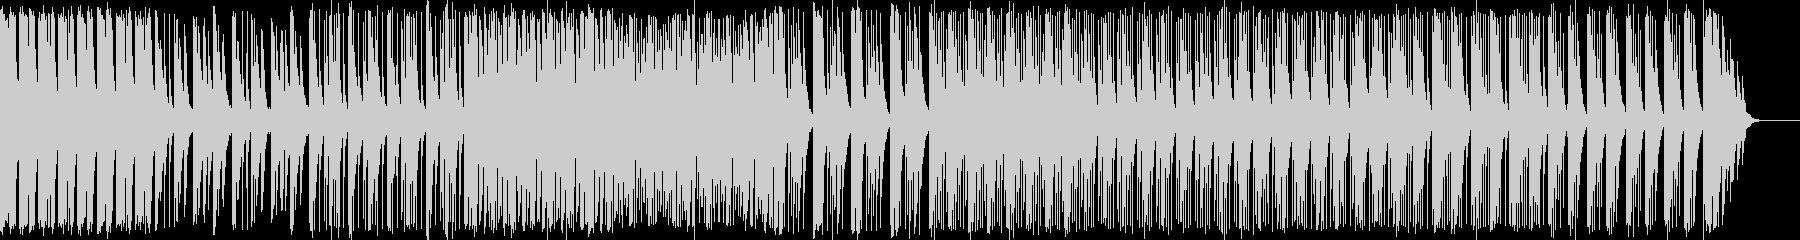 和風料理店に合う琴の音楽2(琴のみ)の未再生の波形